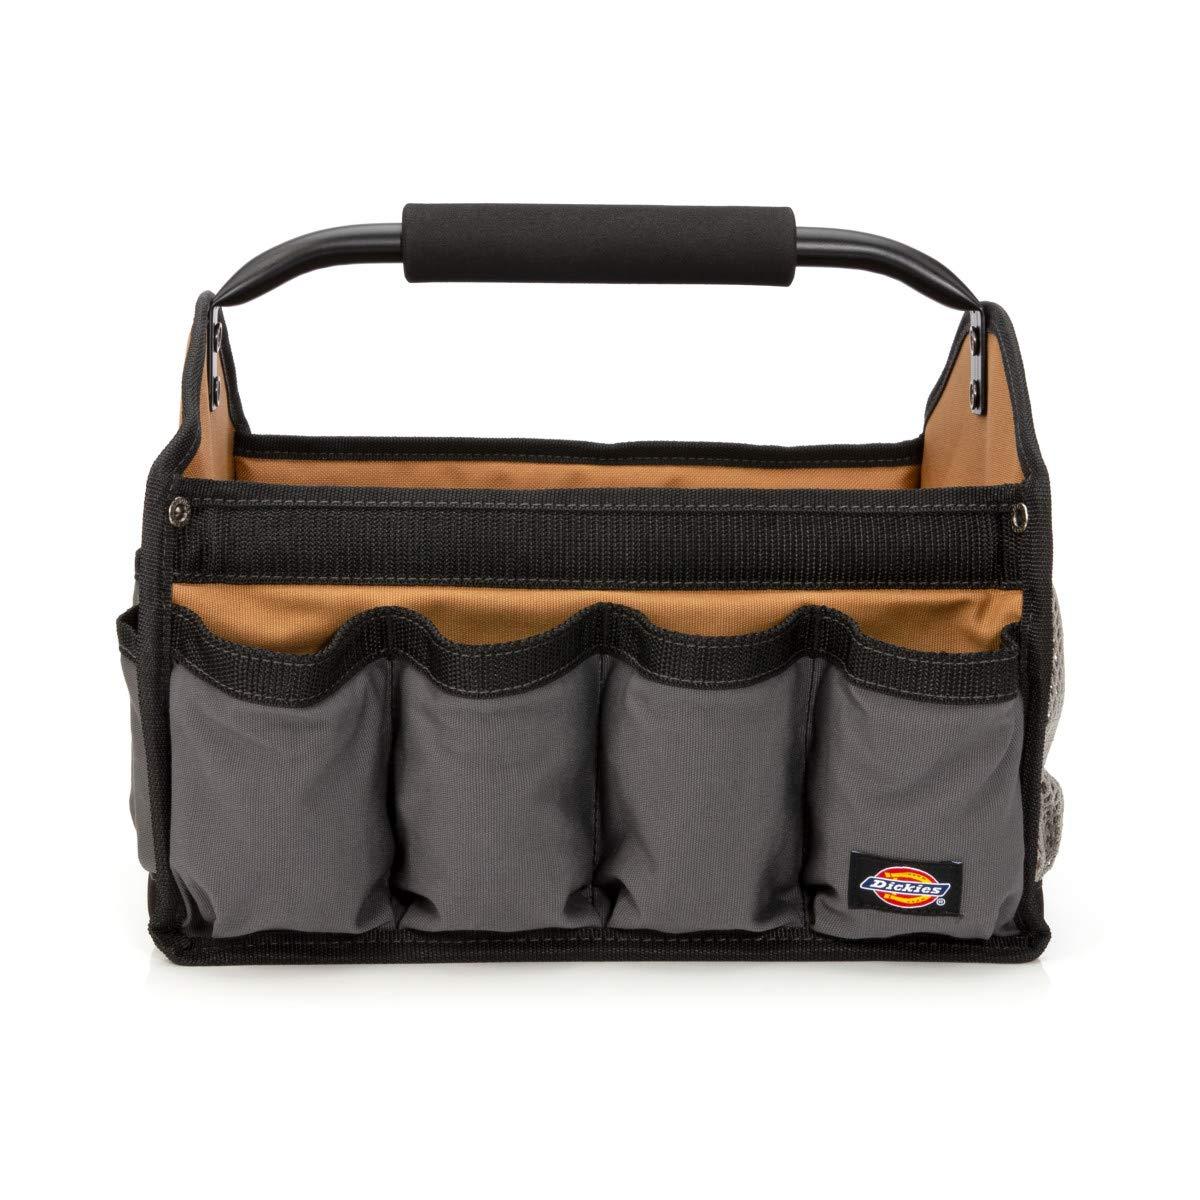 Dickies Work Gear 57035 Grey/Tan 12-Inch Tote Bag